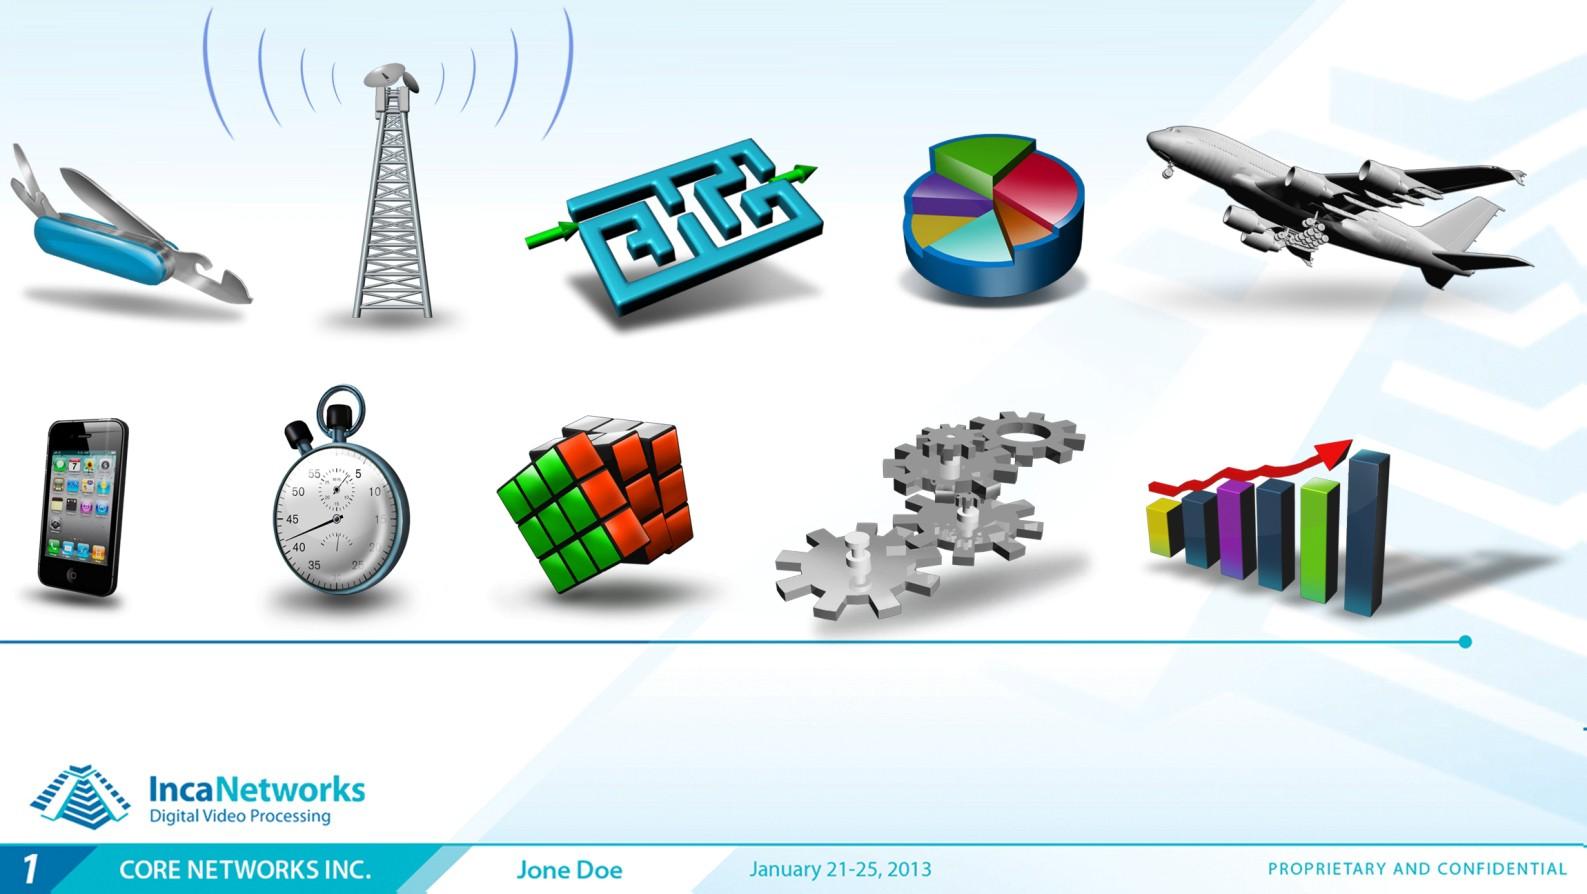 Viva! Design Custom Retro 3D Icons for our Presentations.